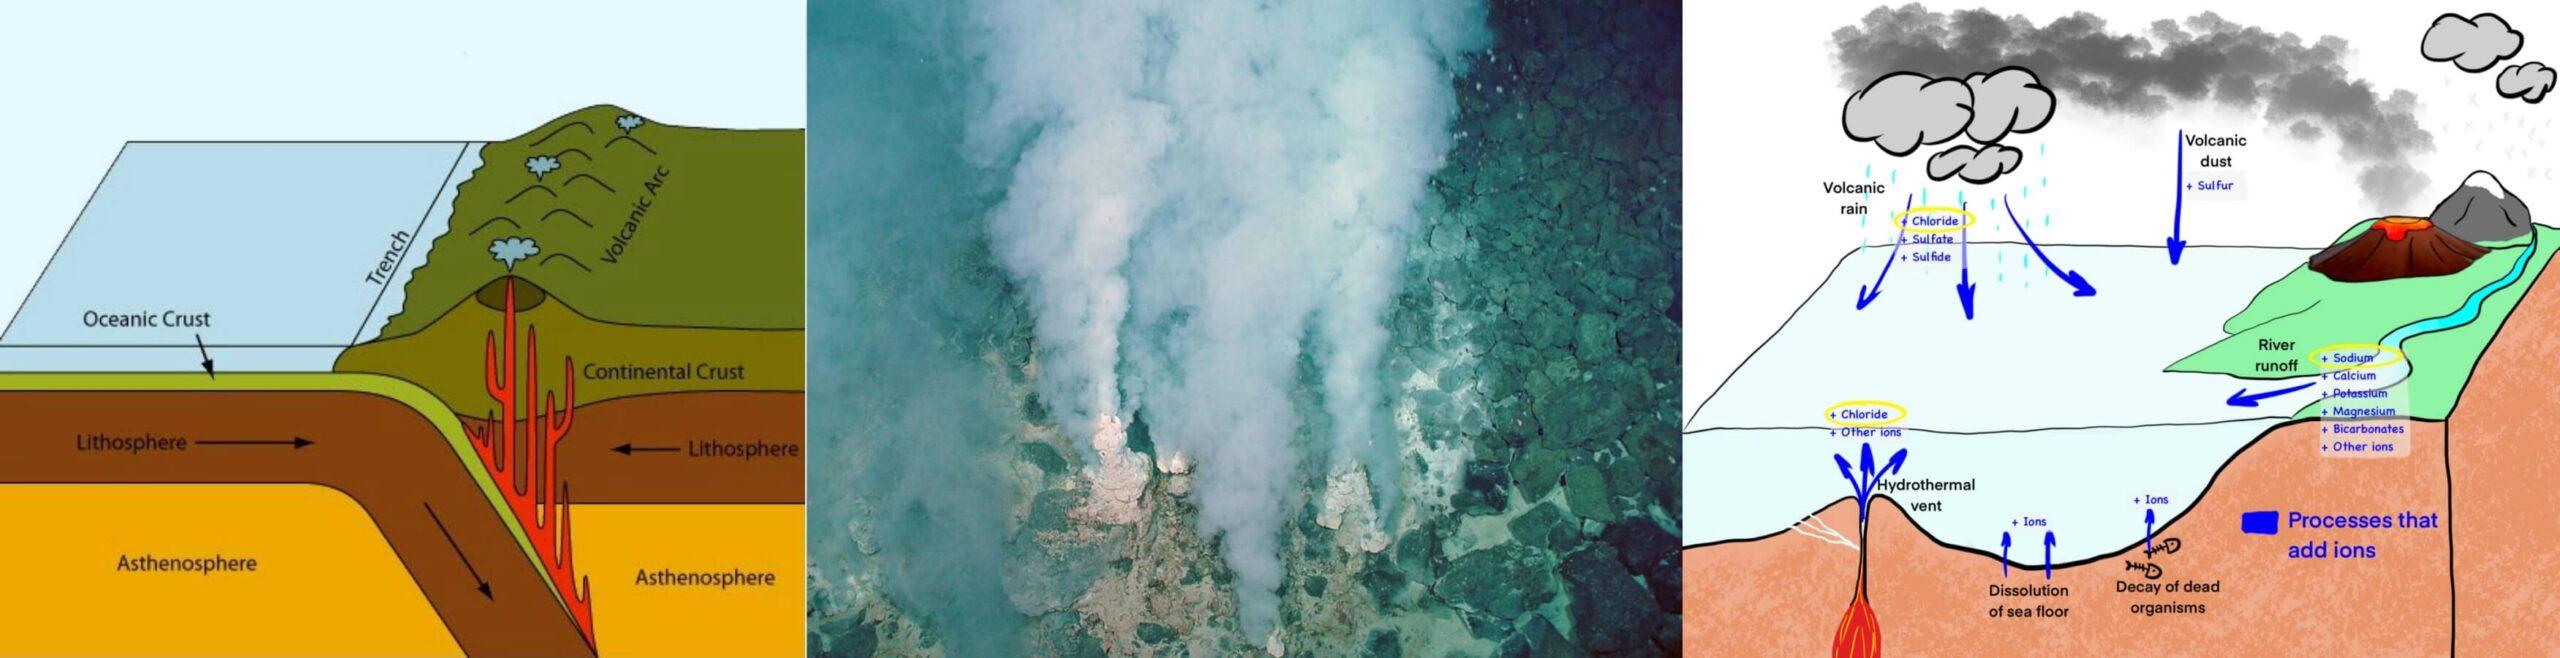 volcanic rain in the ocean